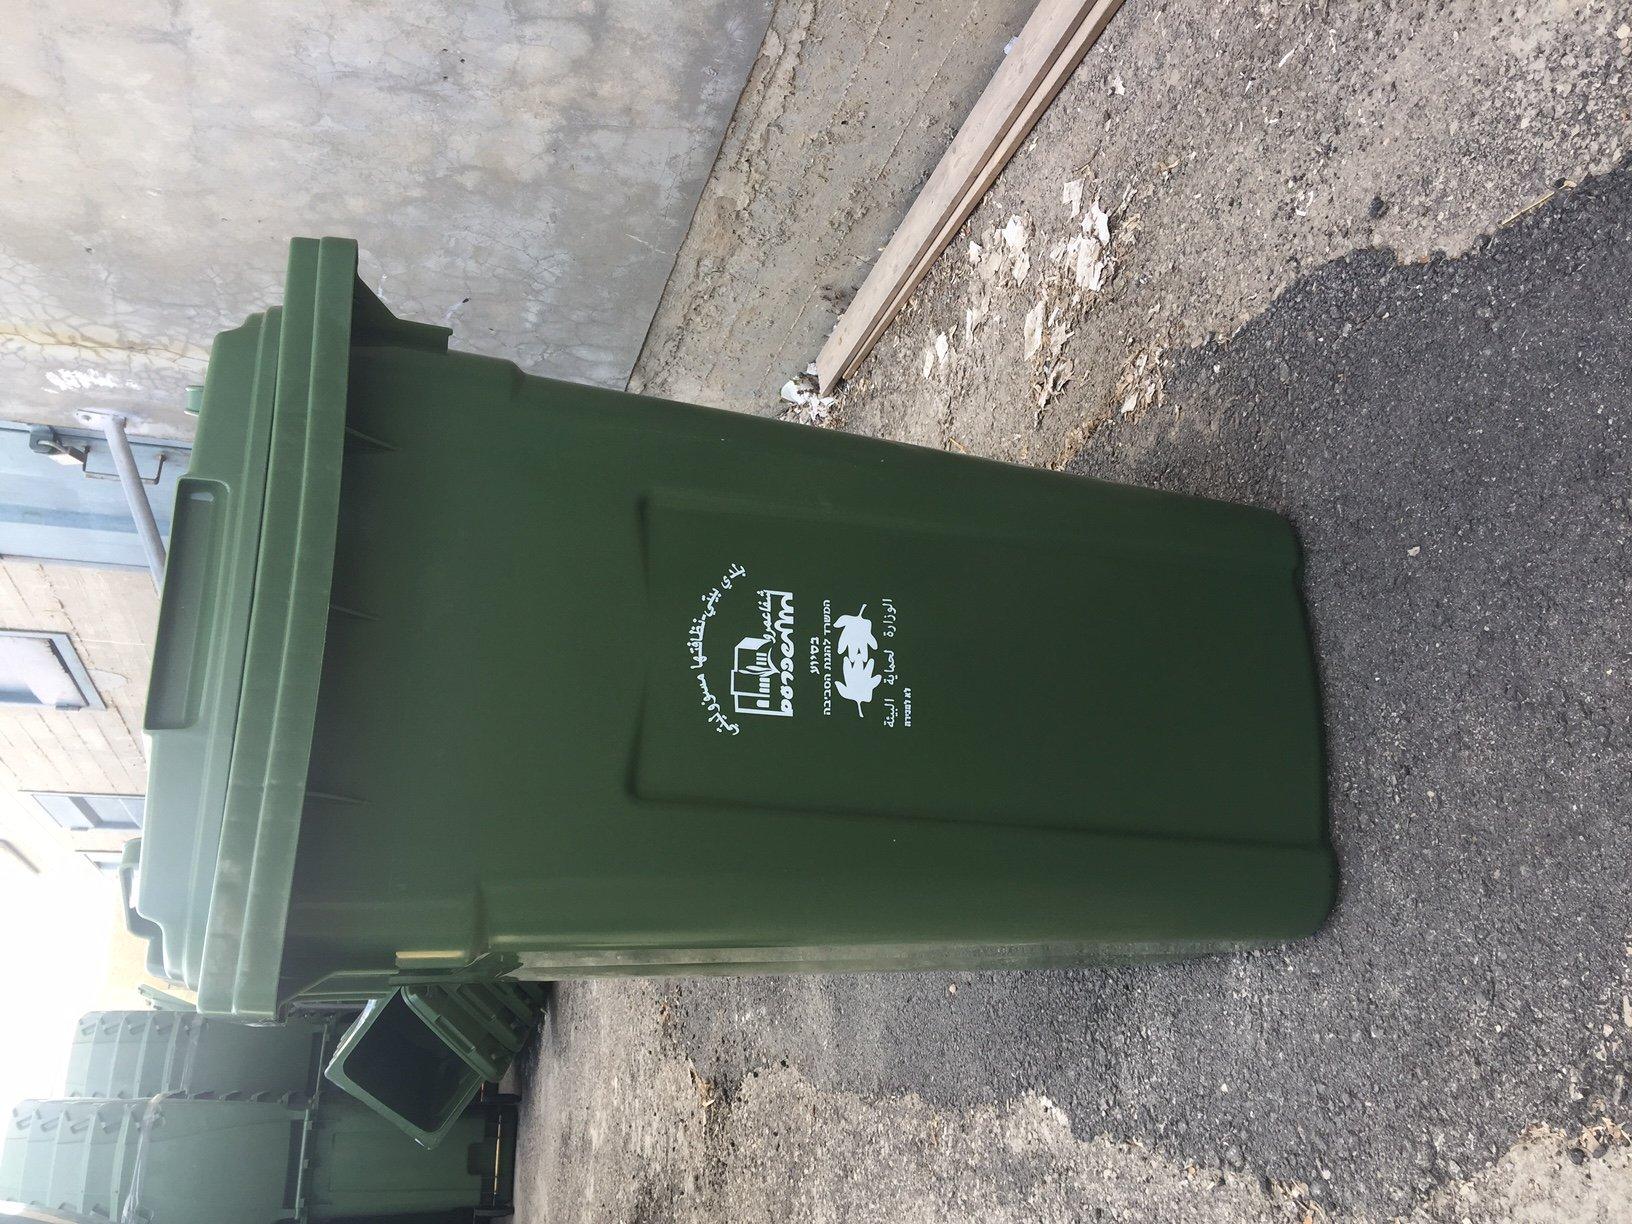 ضمن مشروع شفاعمرو خليها نظيفة .. بلدية شفاعمرو تبدأ حملة تبديل حاويات النفايات بكلفة 1.1 مليون شيكل